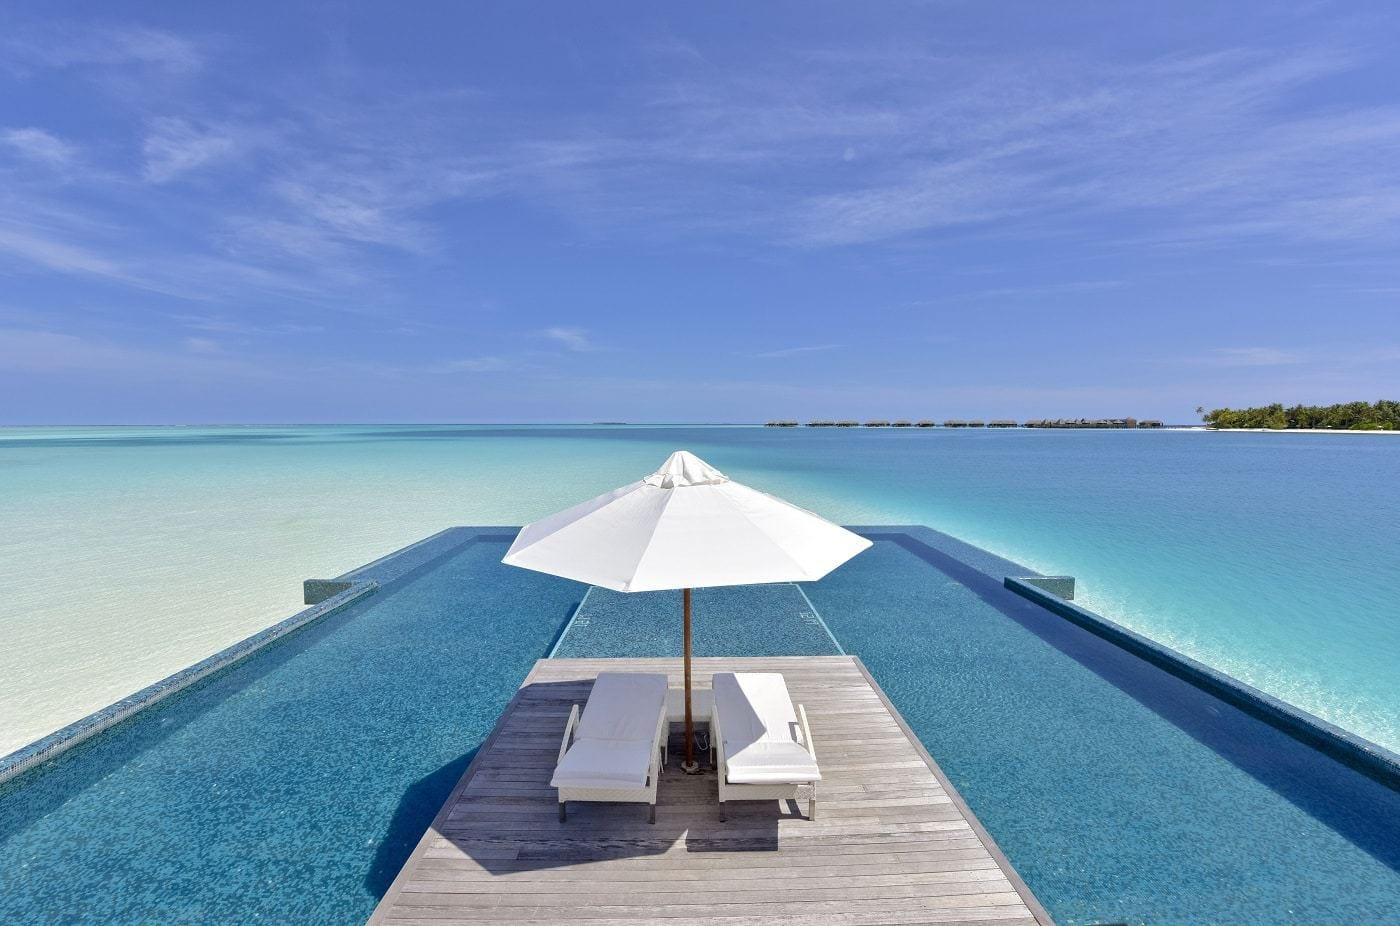 The infinity pool at conrad maldives